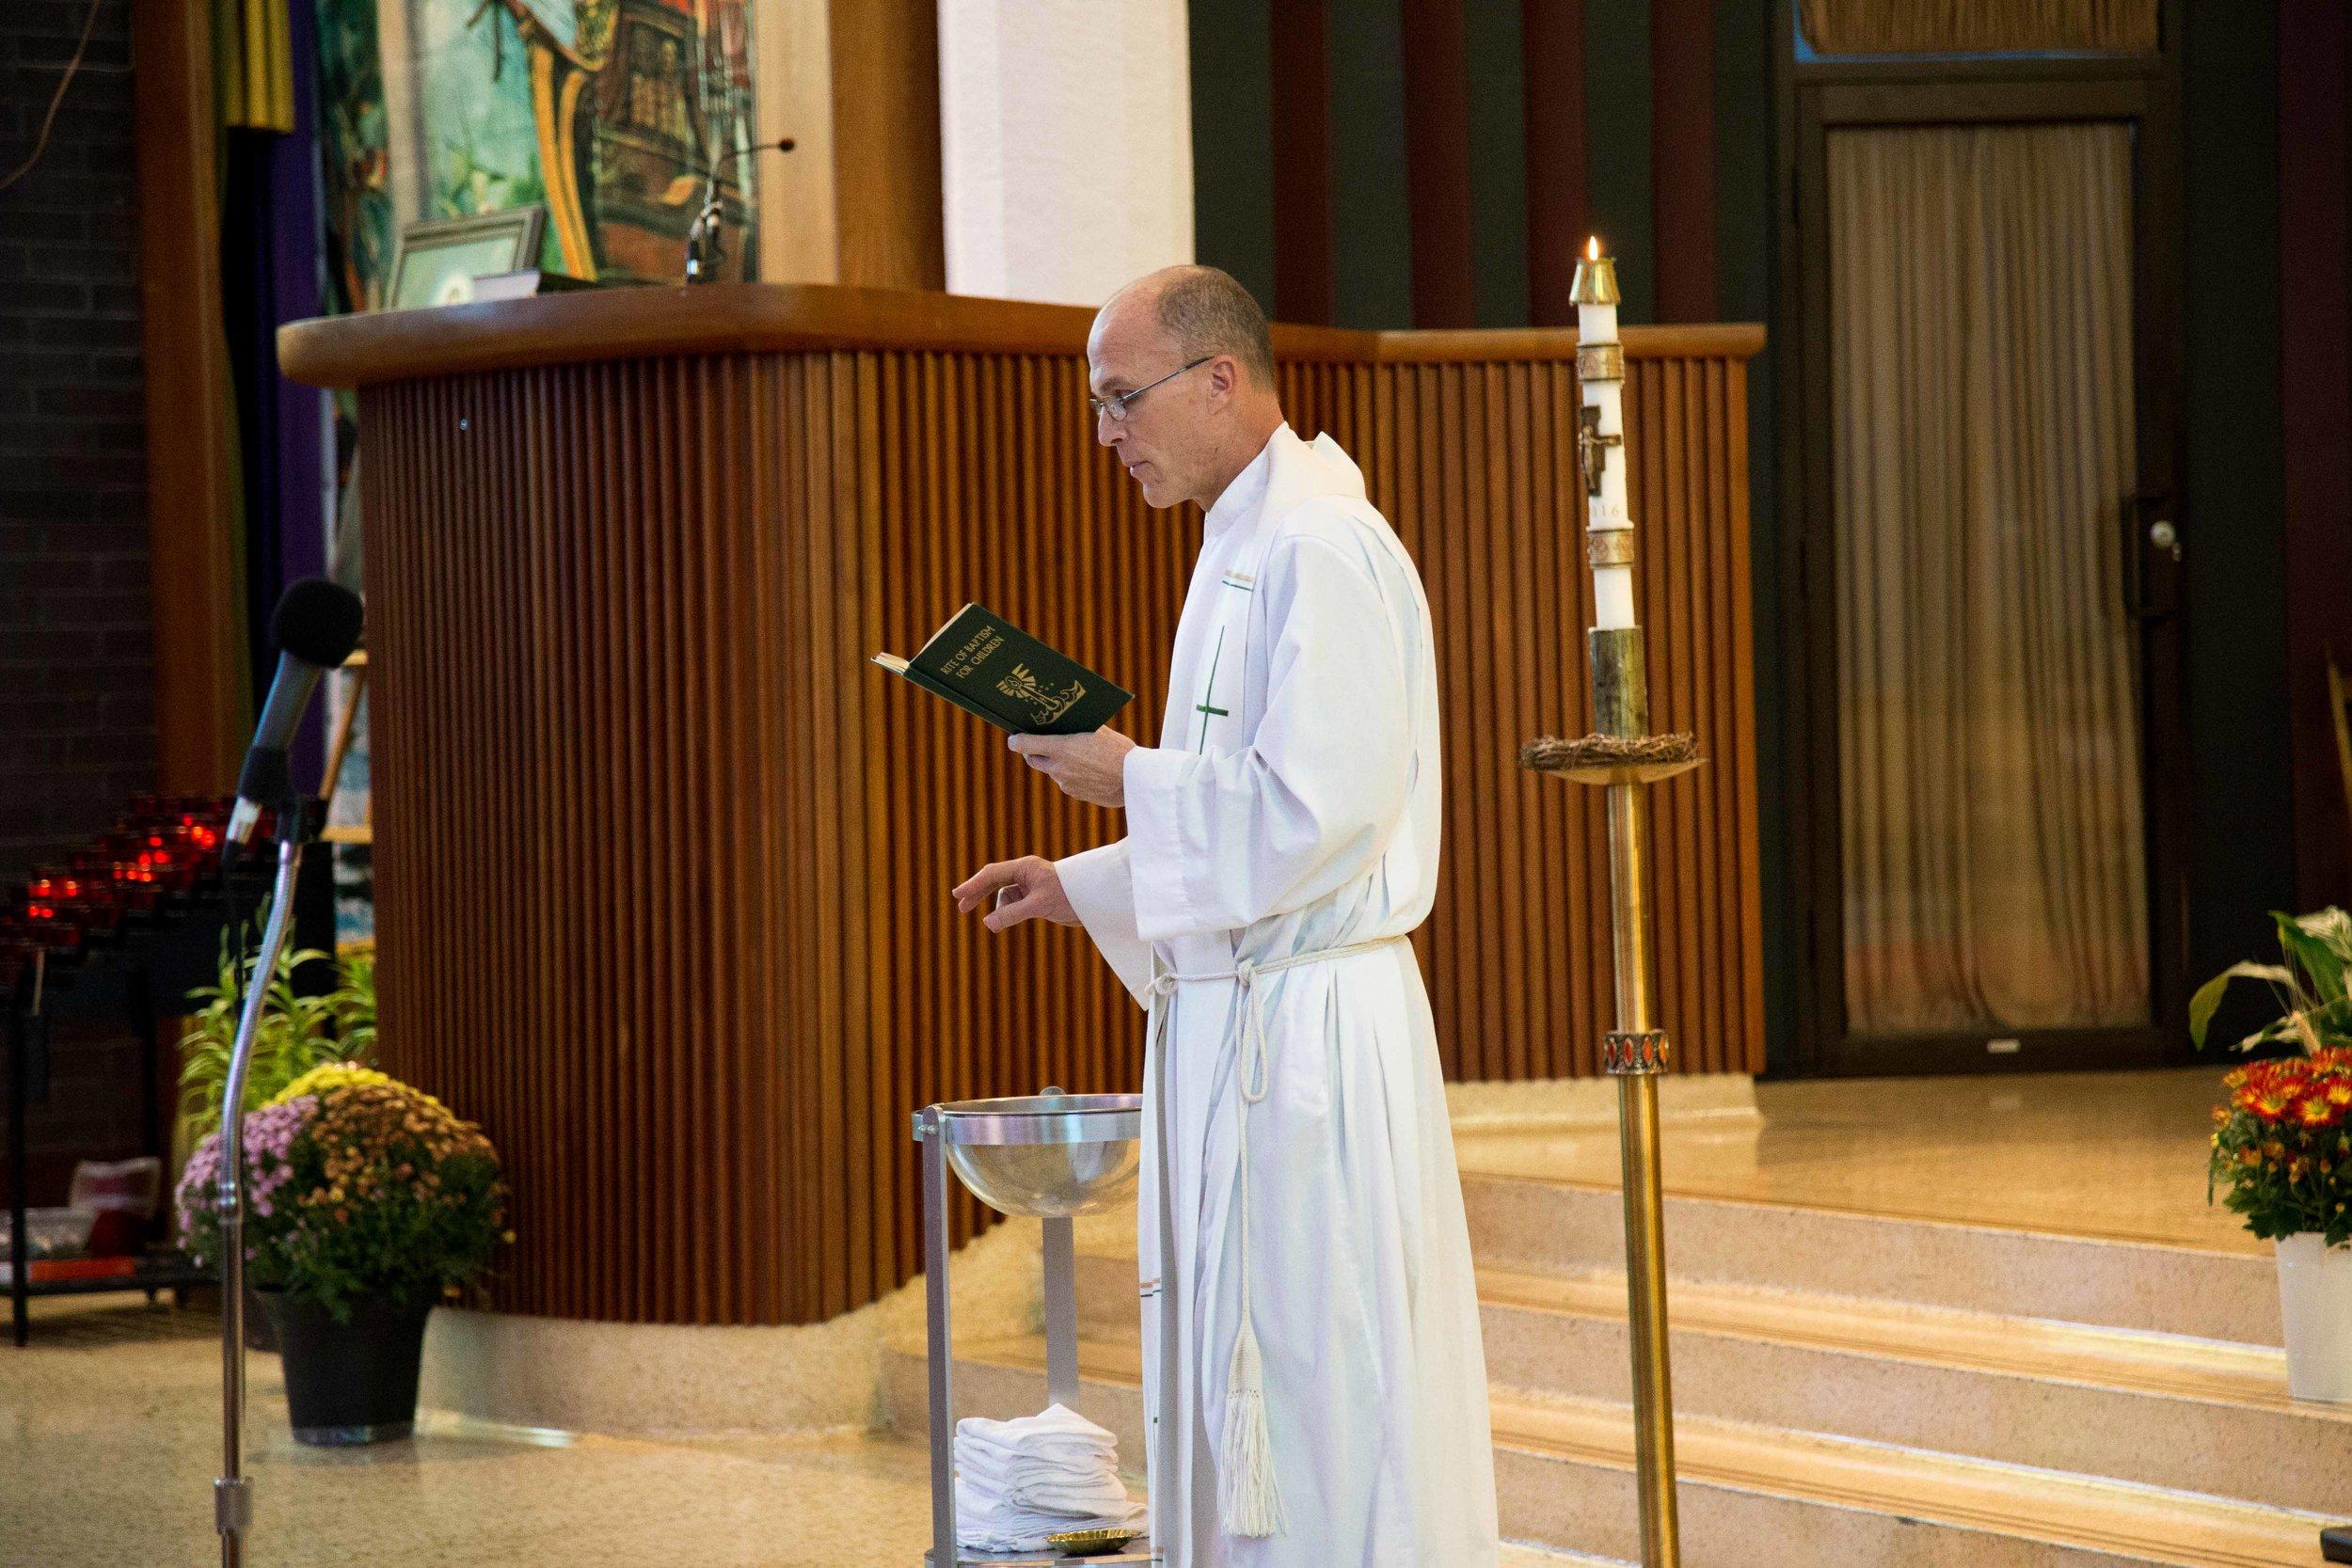 baptism-babyAria-MicaMijaresPhotography (3 of 92).jpg